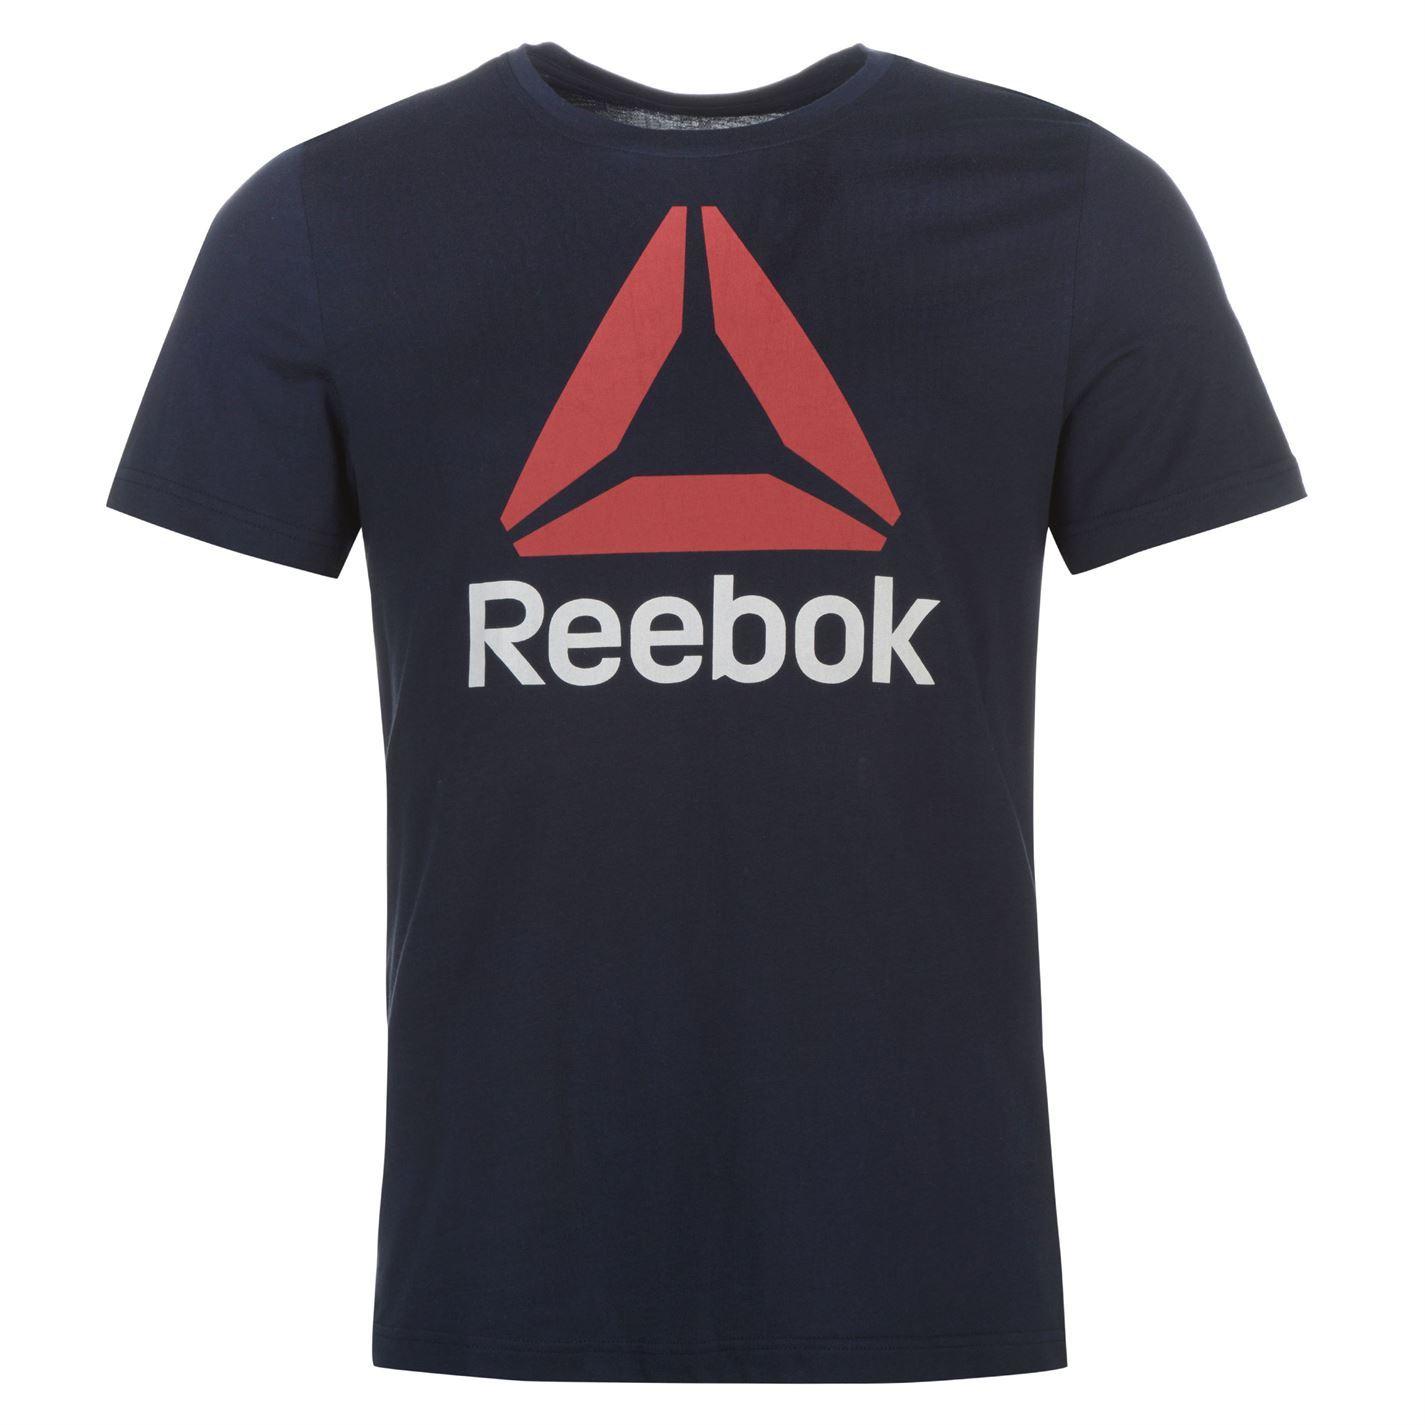 Reebok-Stack-Delta-Logo-T-Shirt-Mens-Tee-Shirt-Top thumbnail 17